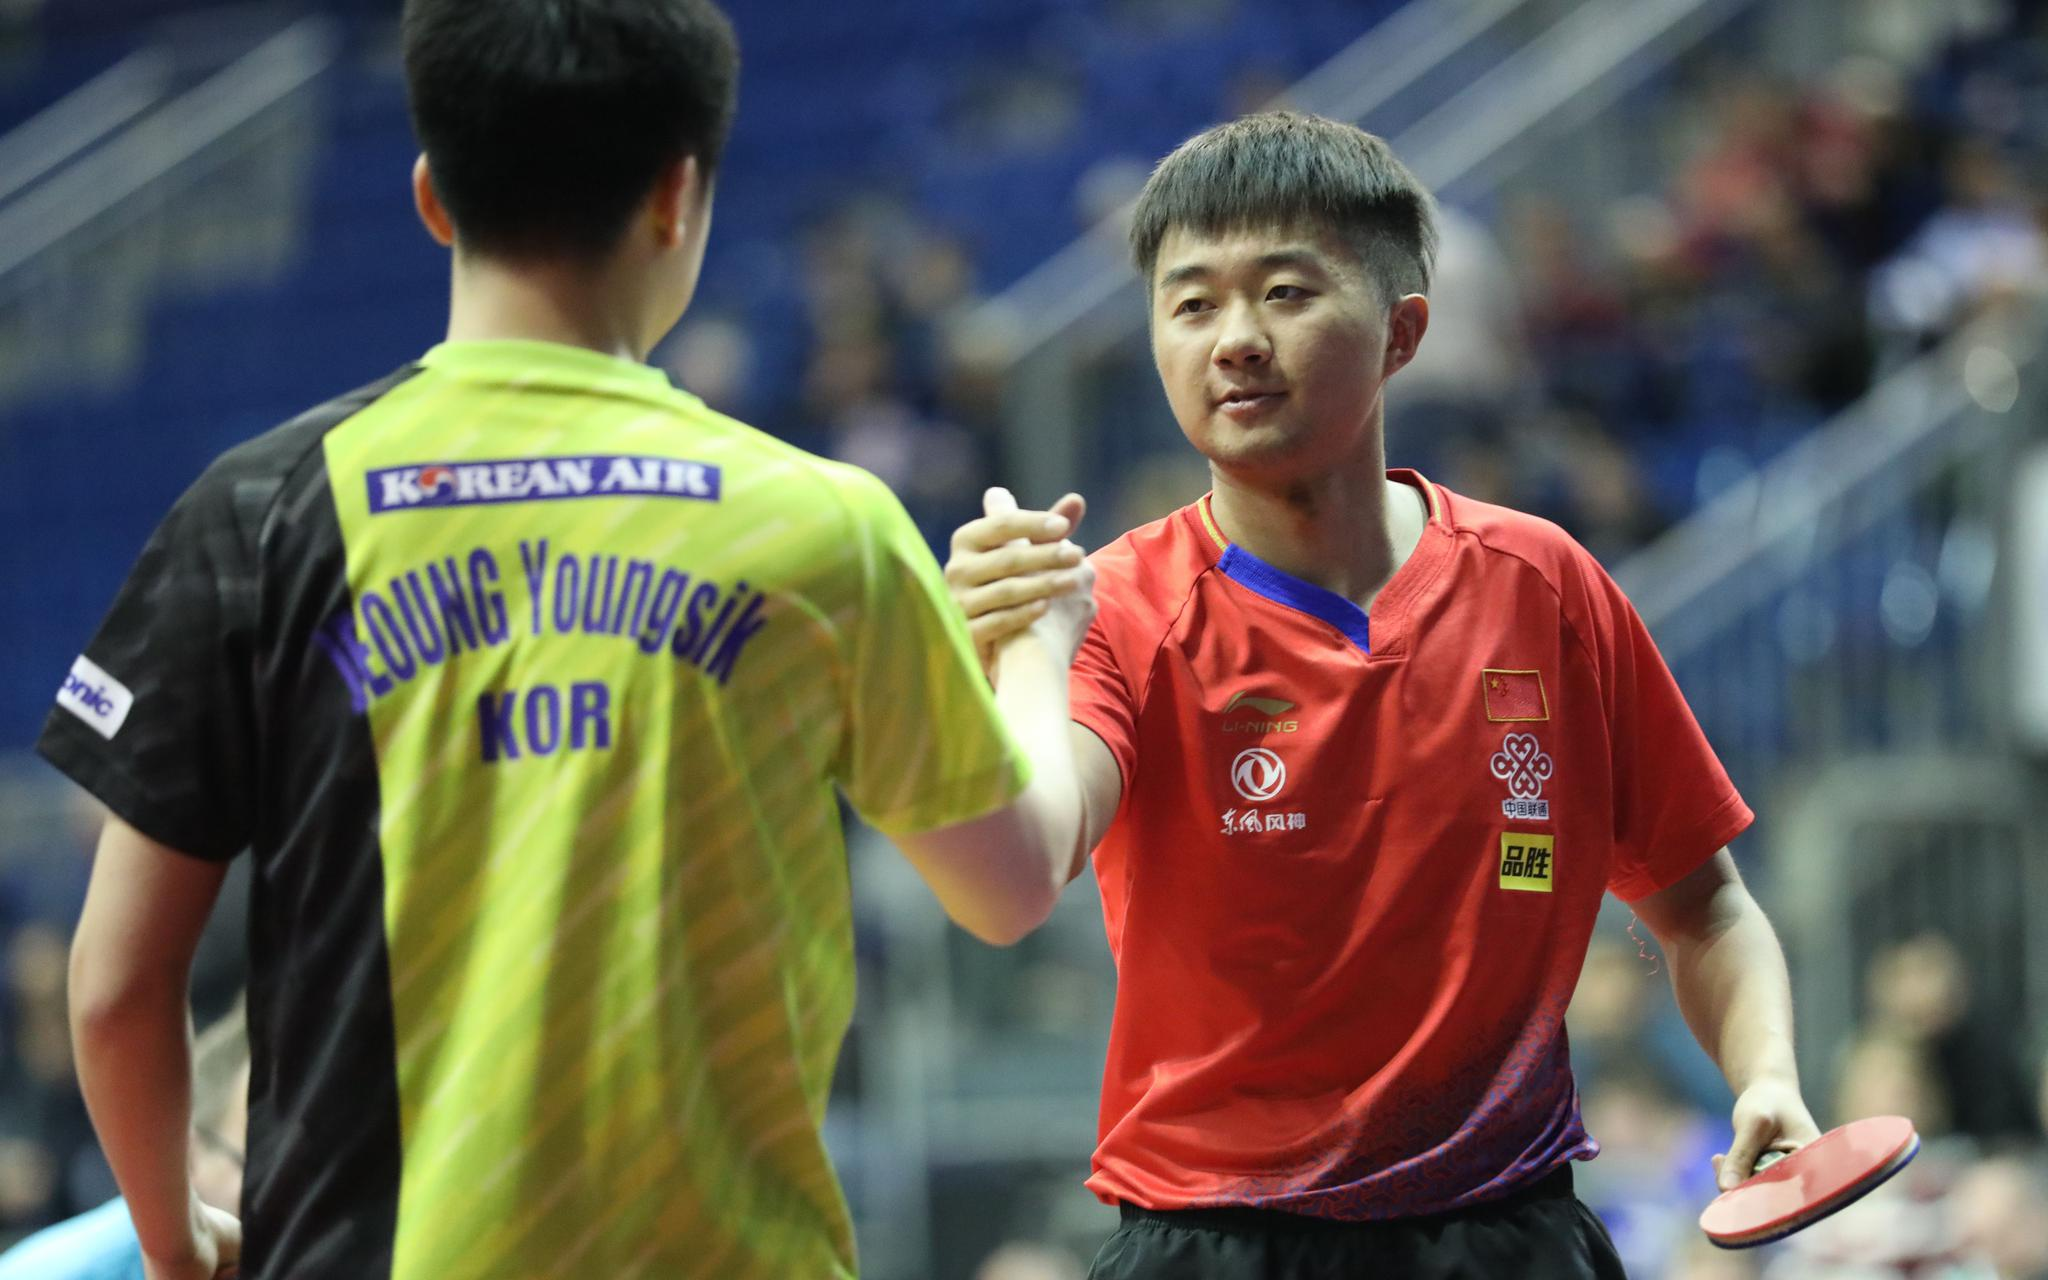 [蓝冠]笑点蓝冠头取代握手环节疫情中的乒乓球赛是图片